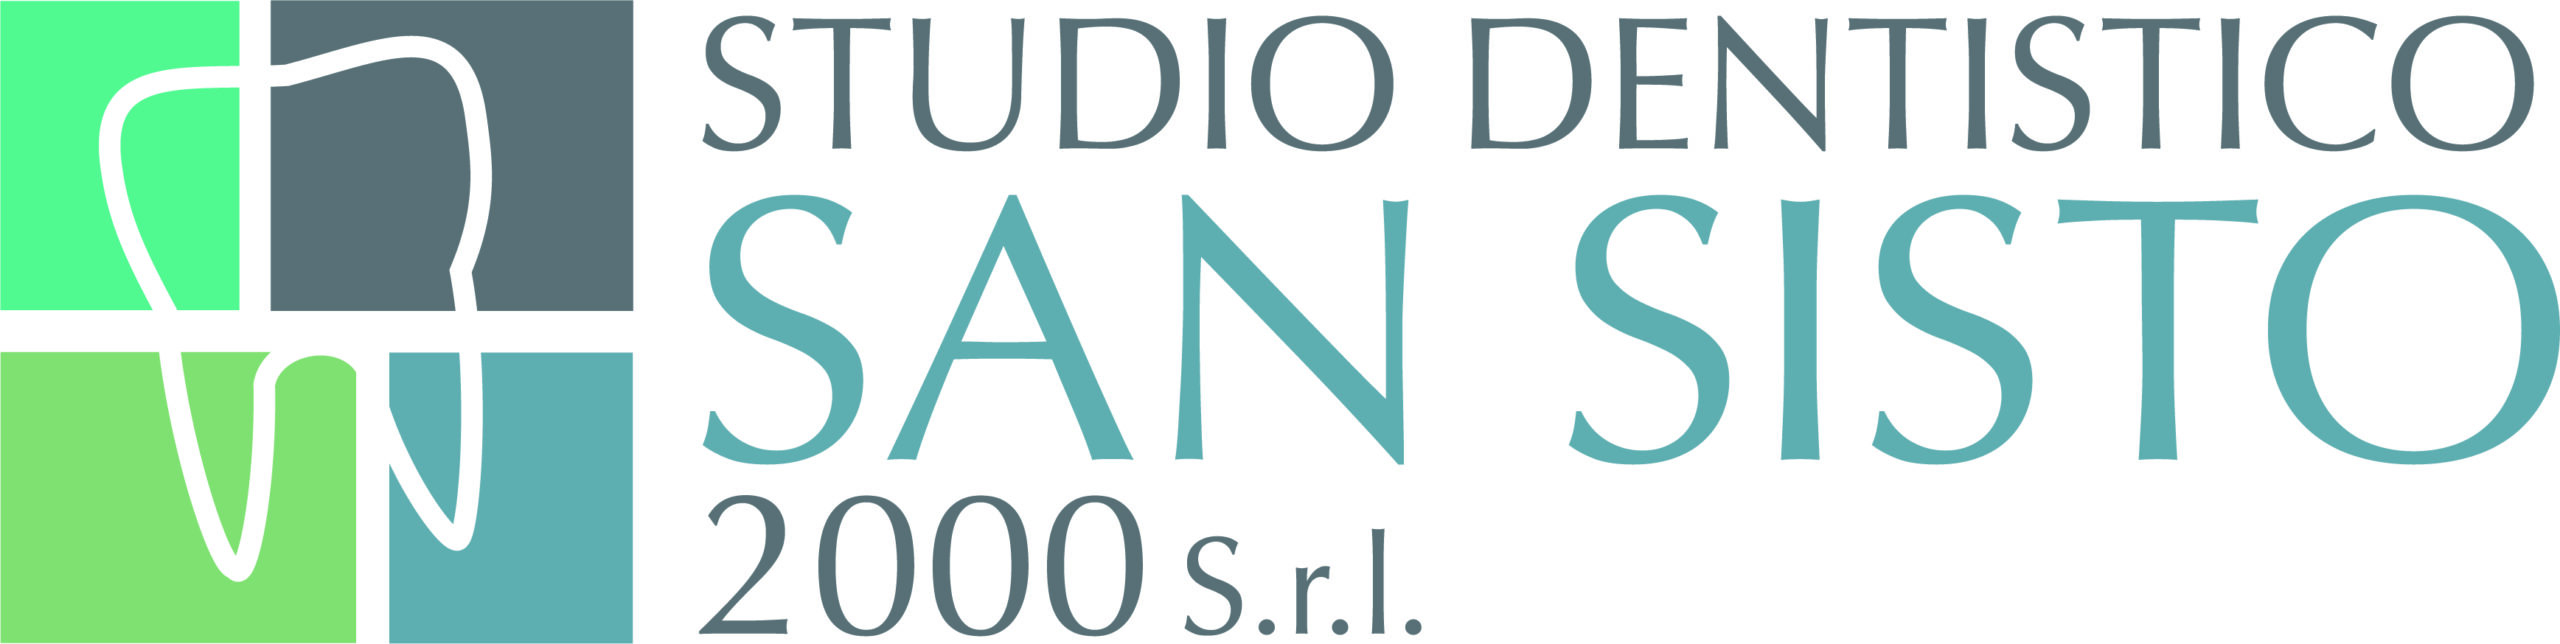 Studio Dentistico San Sisto 2000